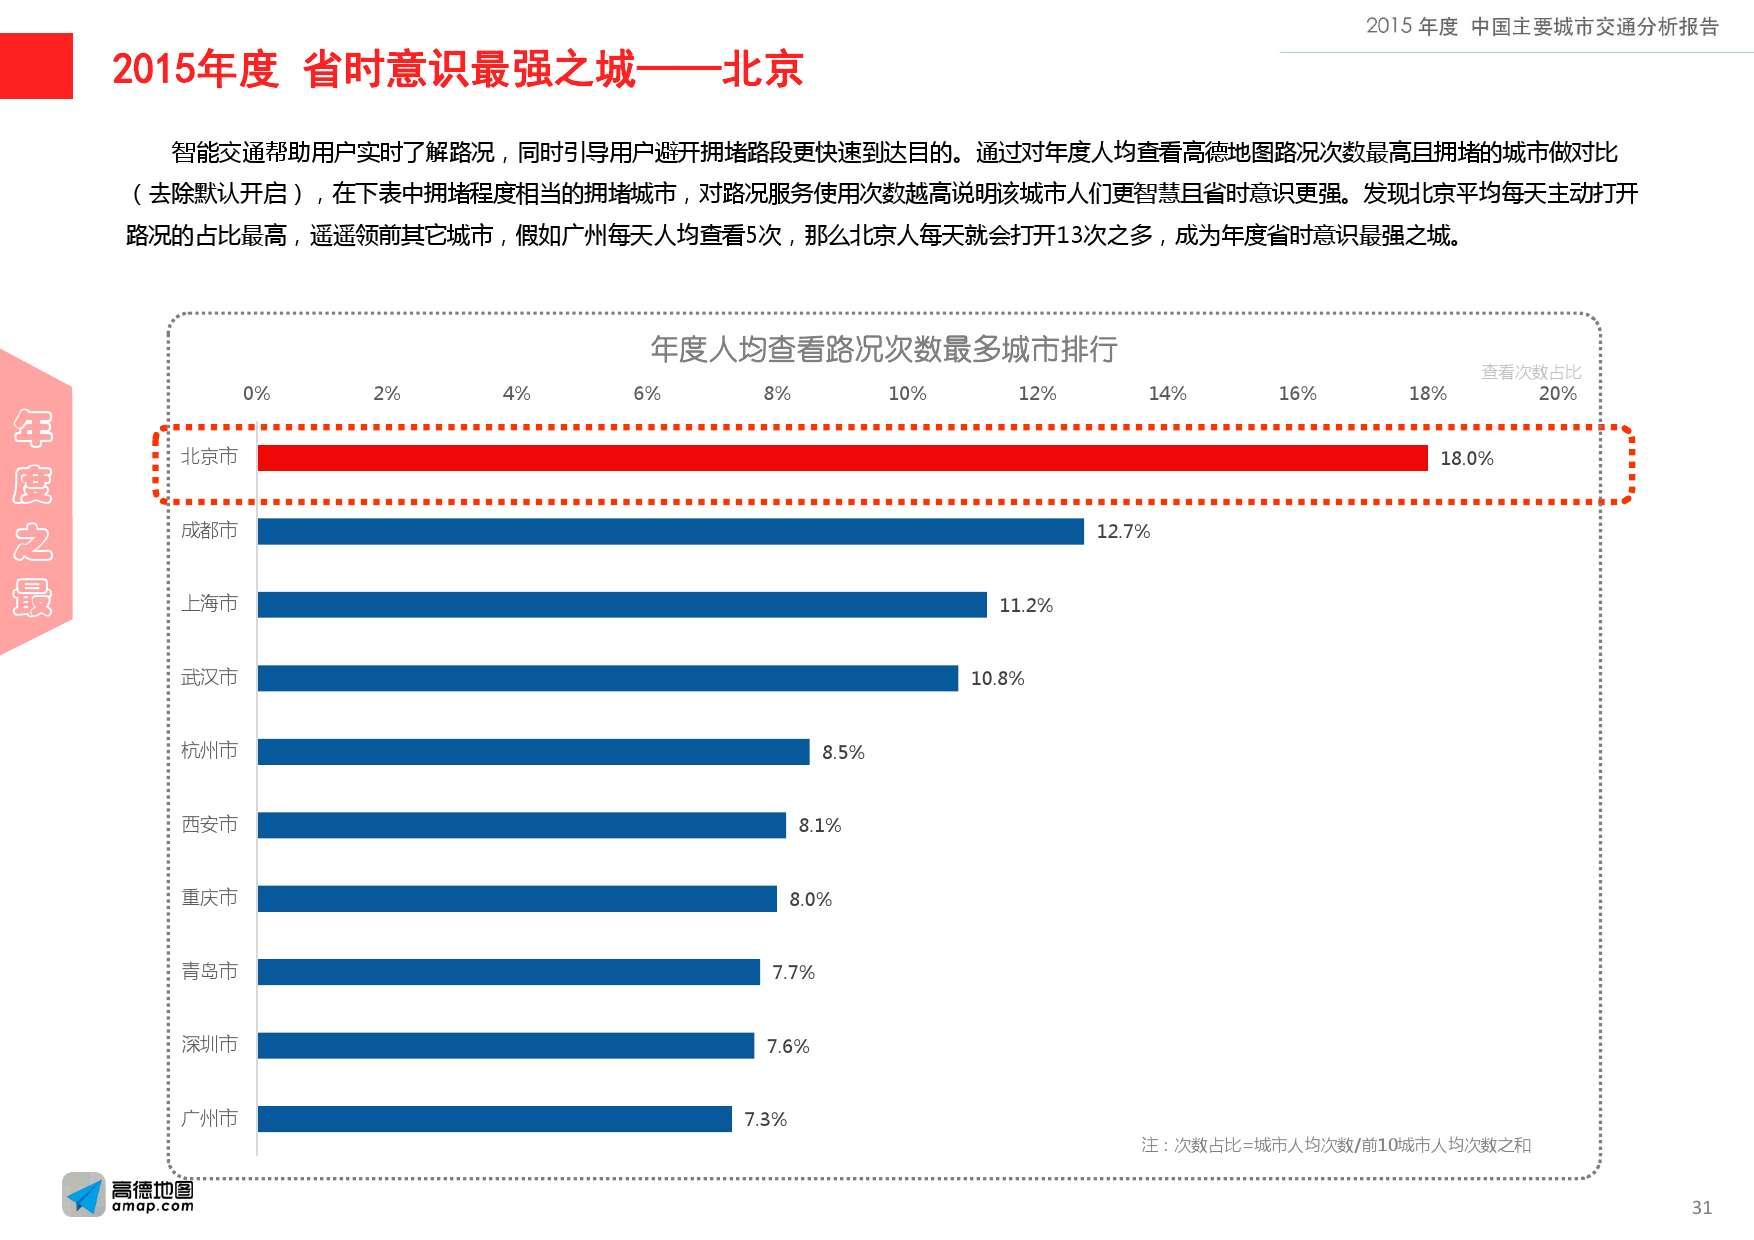 2015年度中国主要城市交通分析报告-final_000031